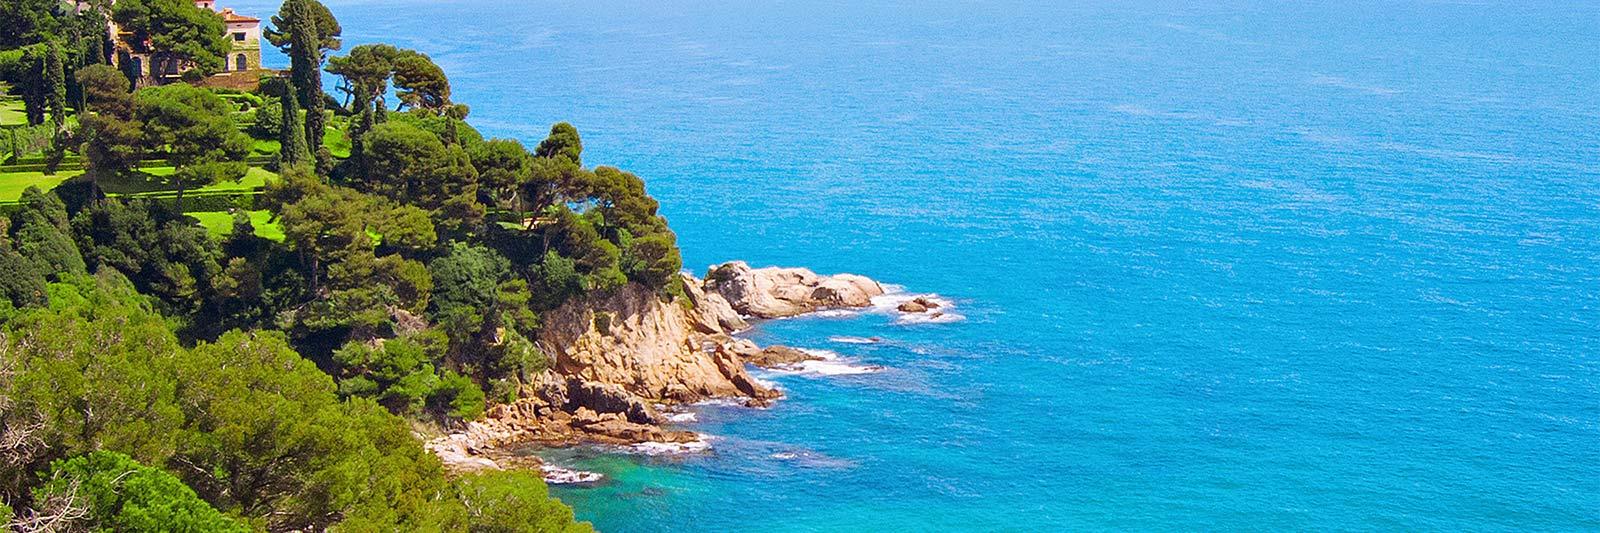 Fastenwandern am Meer in Spanien - Blick aufs Meer